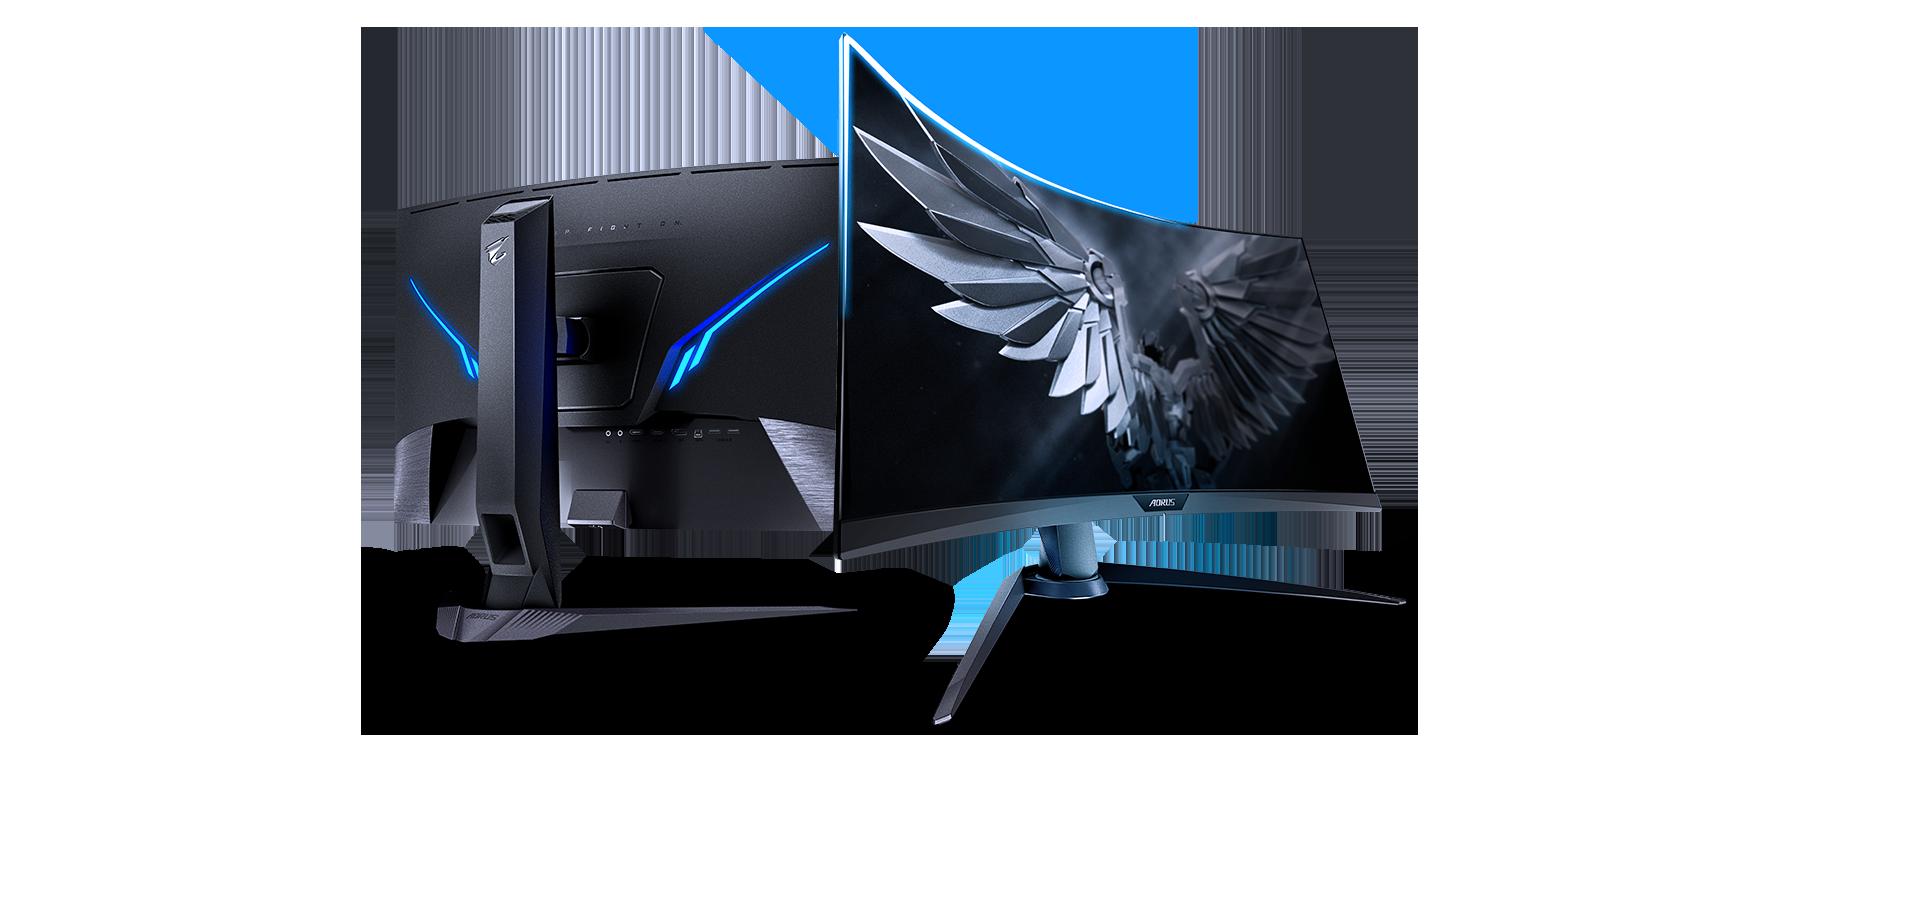 AORUS CV27F Gaming Monitor   Monitors - GIGABYTE Global